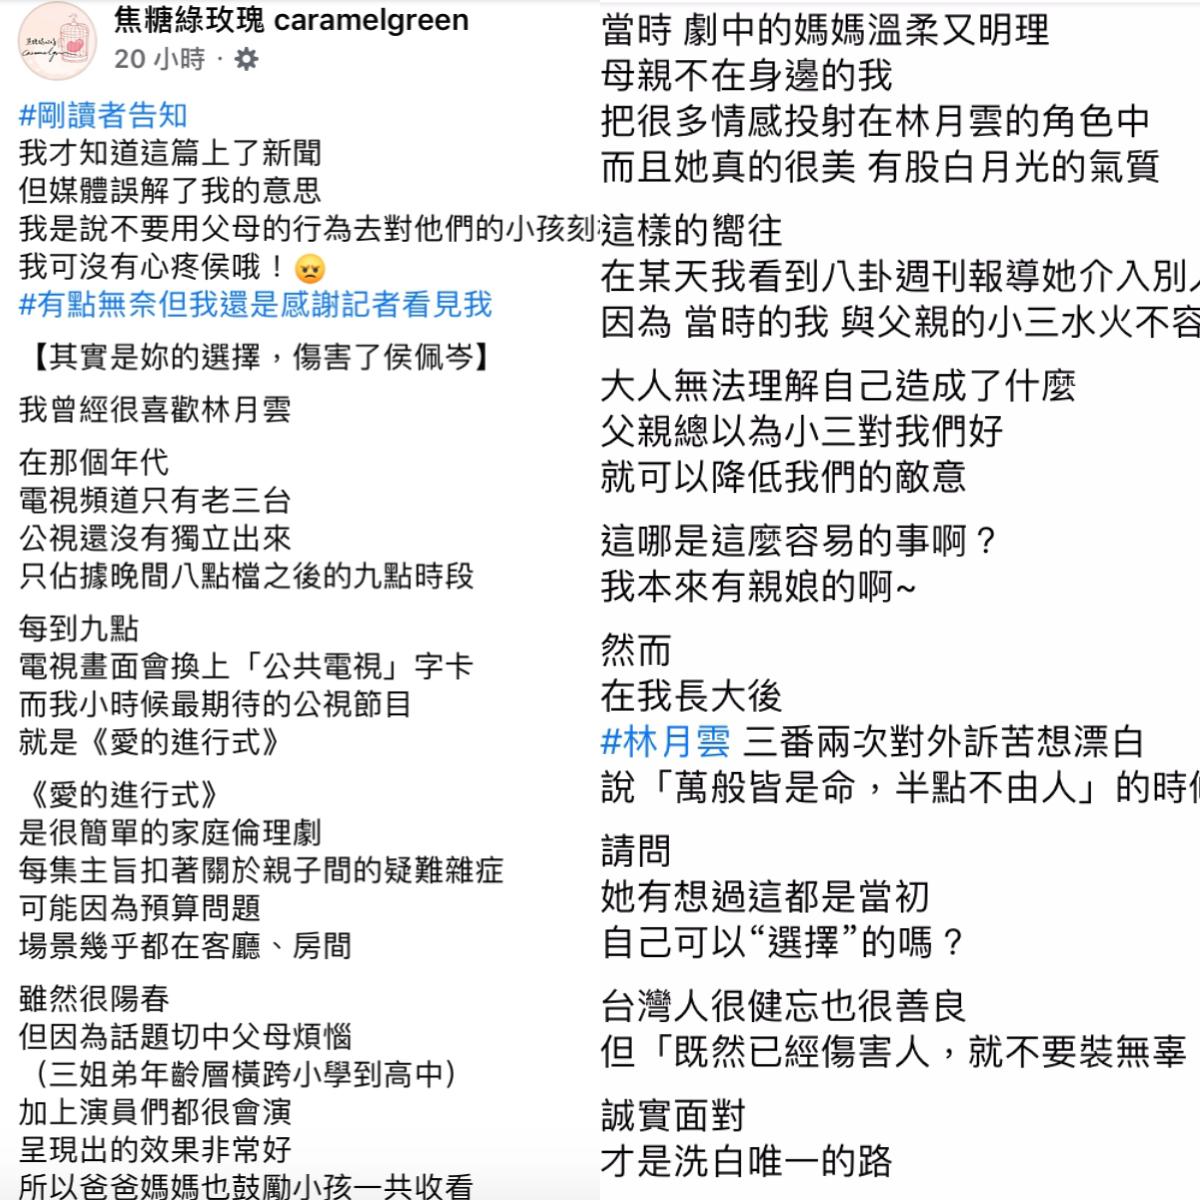 母亲抢闺蜜老公!侯佩岑无辜遭波及 网红作家「伤害女儿论」获网讚